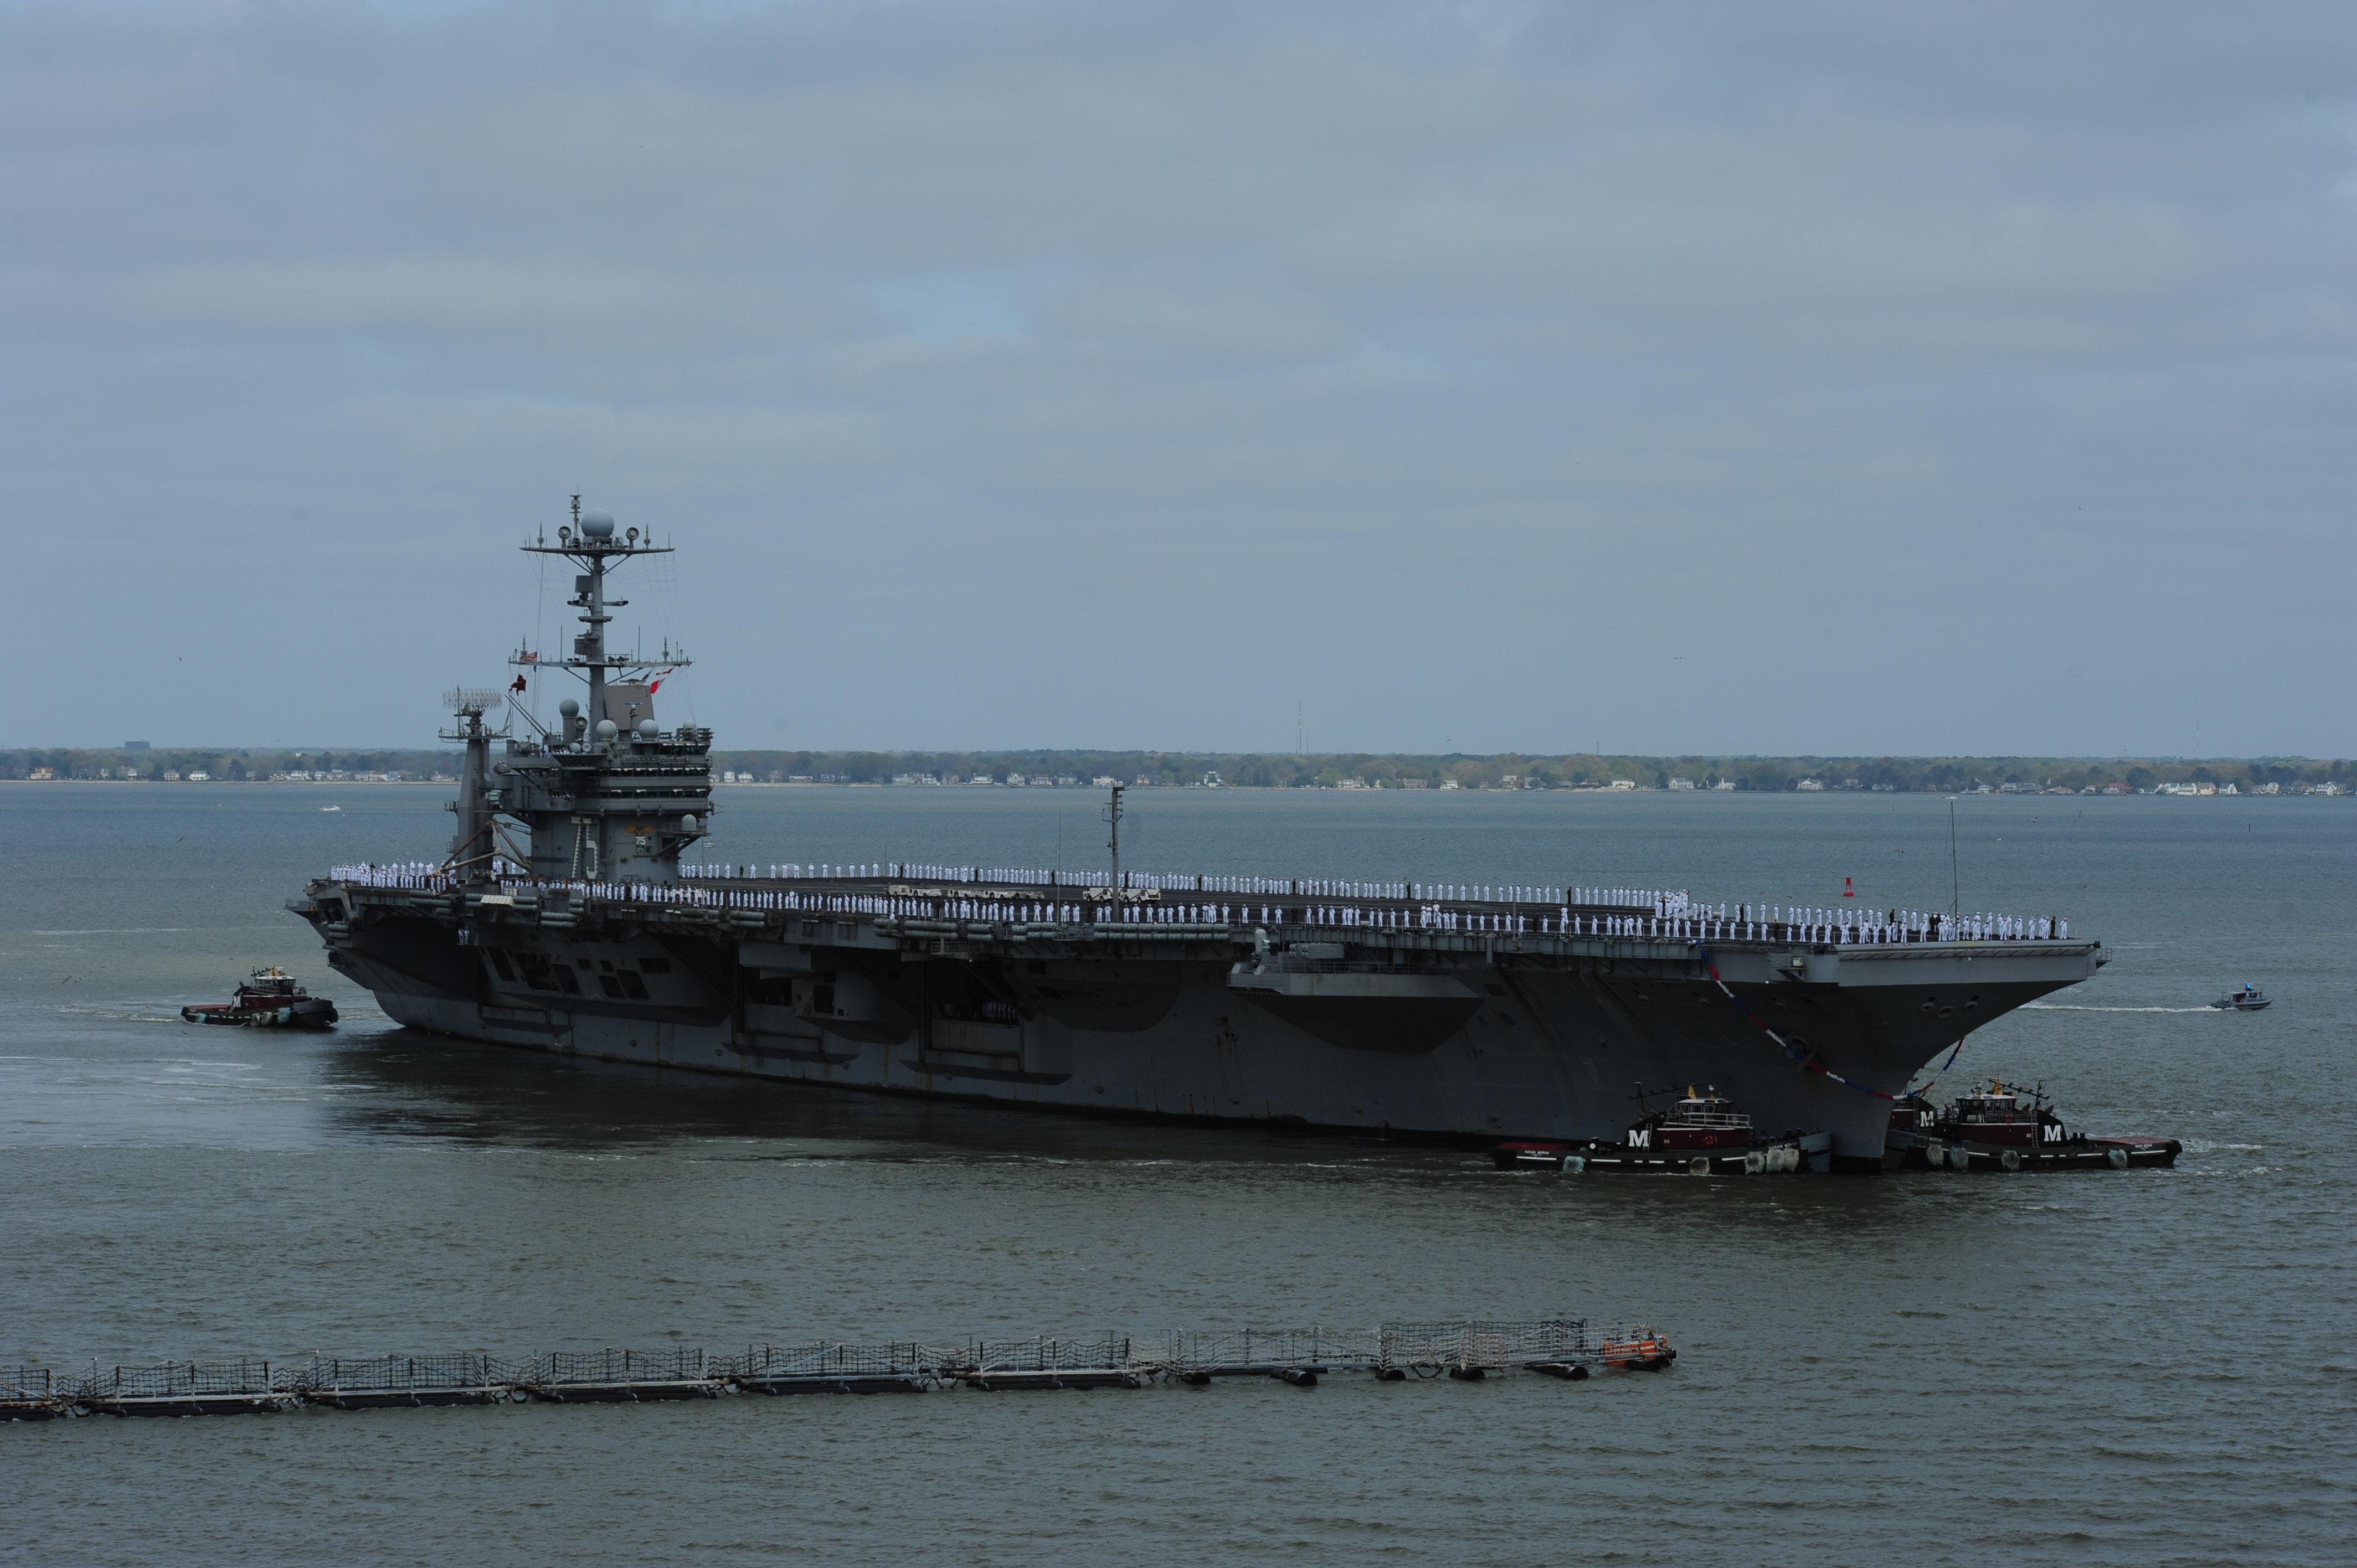 USS HARRY S. TRUMAN CVN-75 Einlaufen Norfolk am 18.04.2014 Bild: U.S. Navy